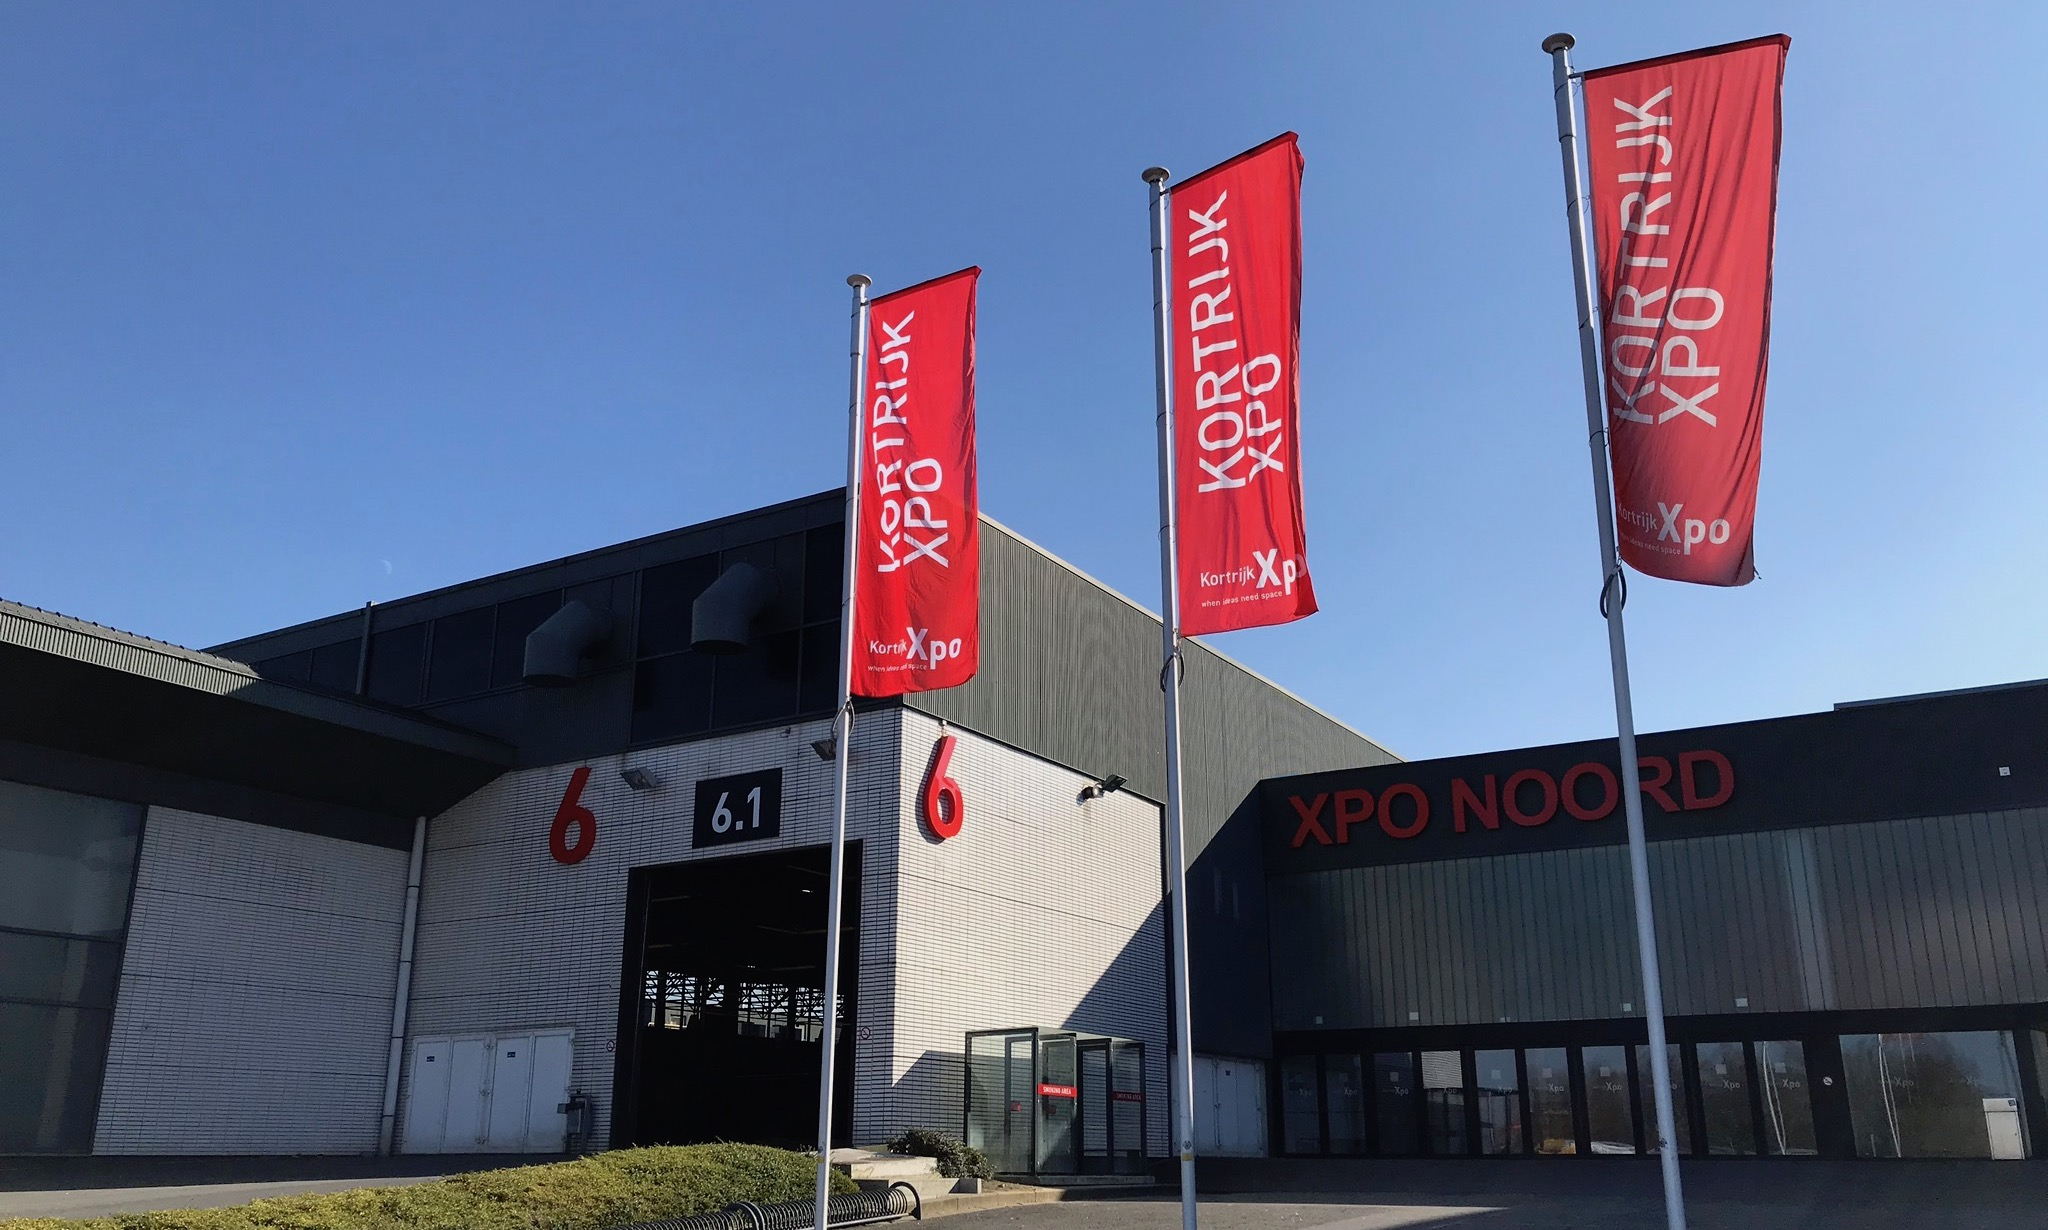 Kortrijk Xpo 2018 Hall 6